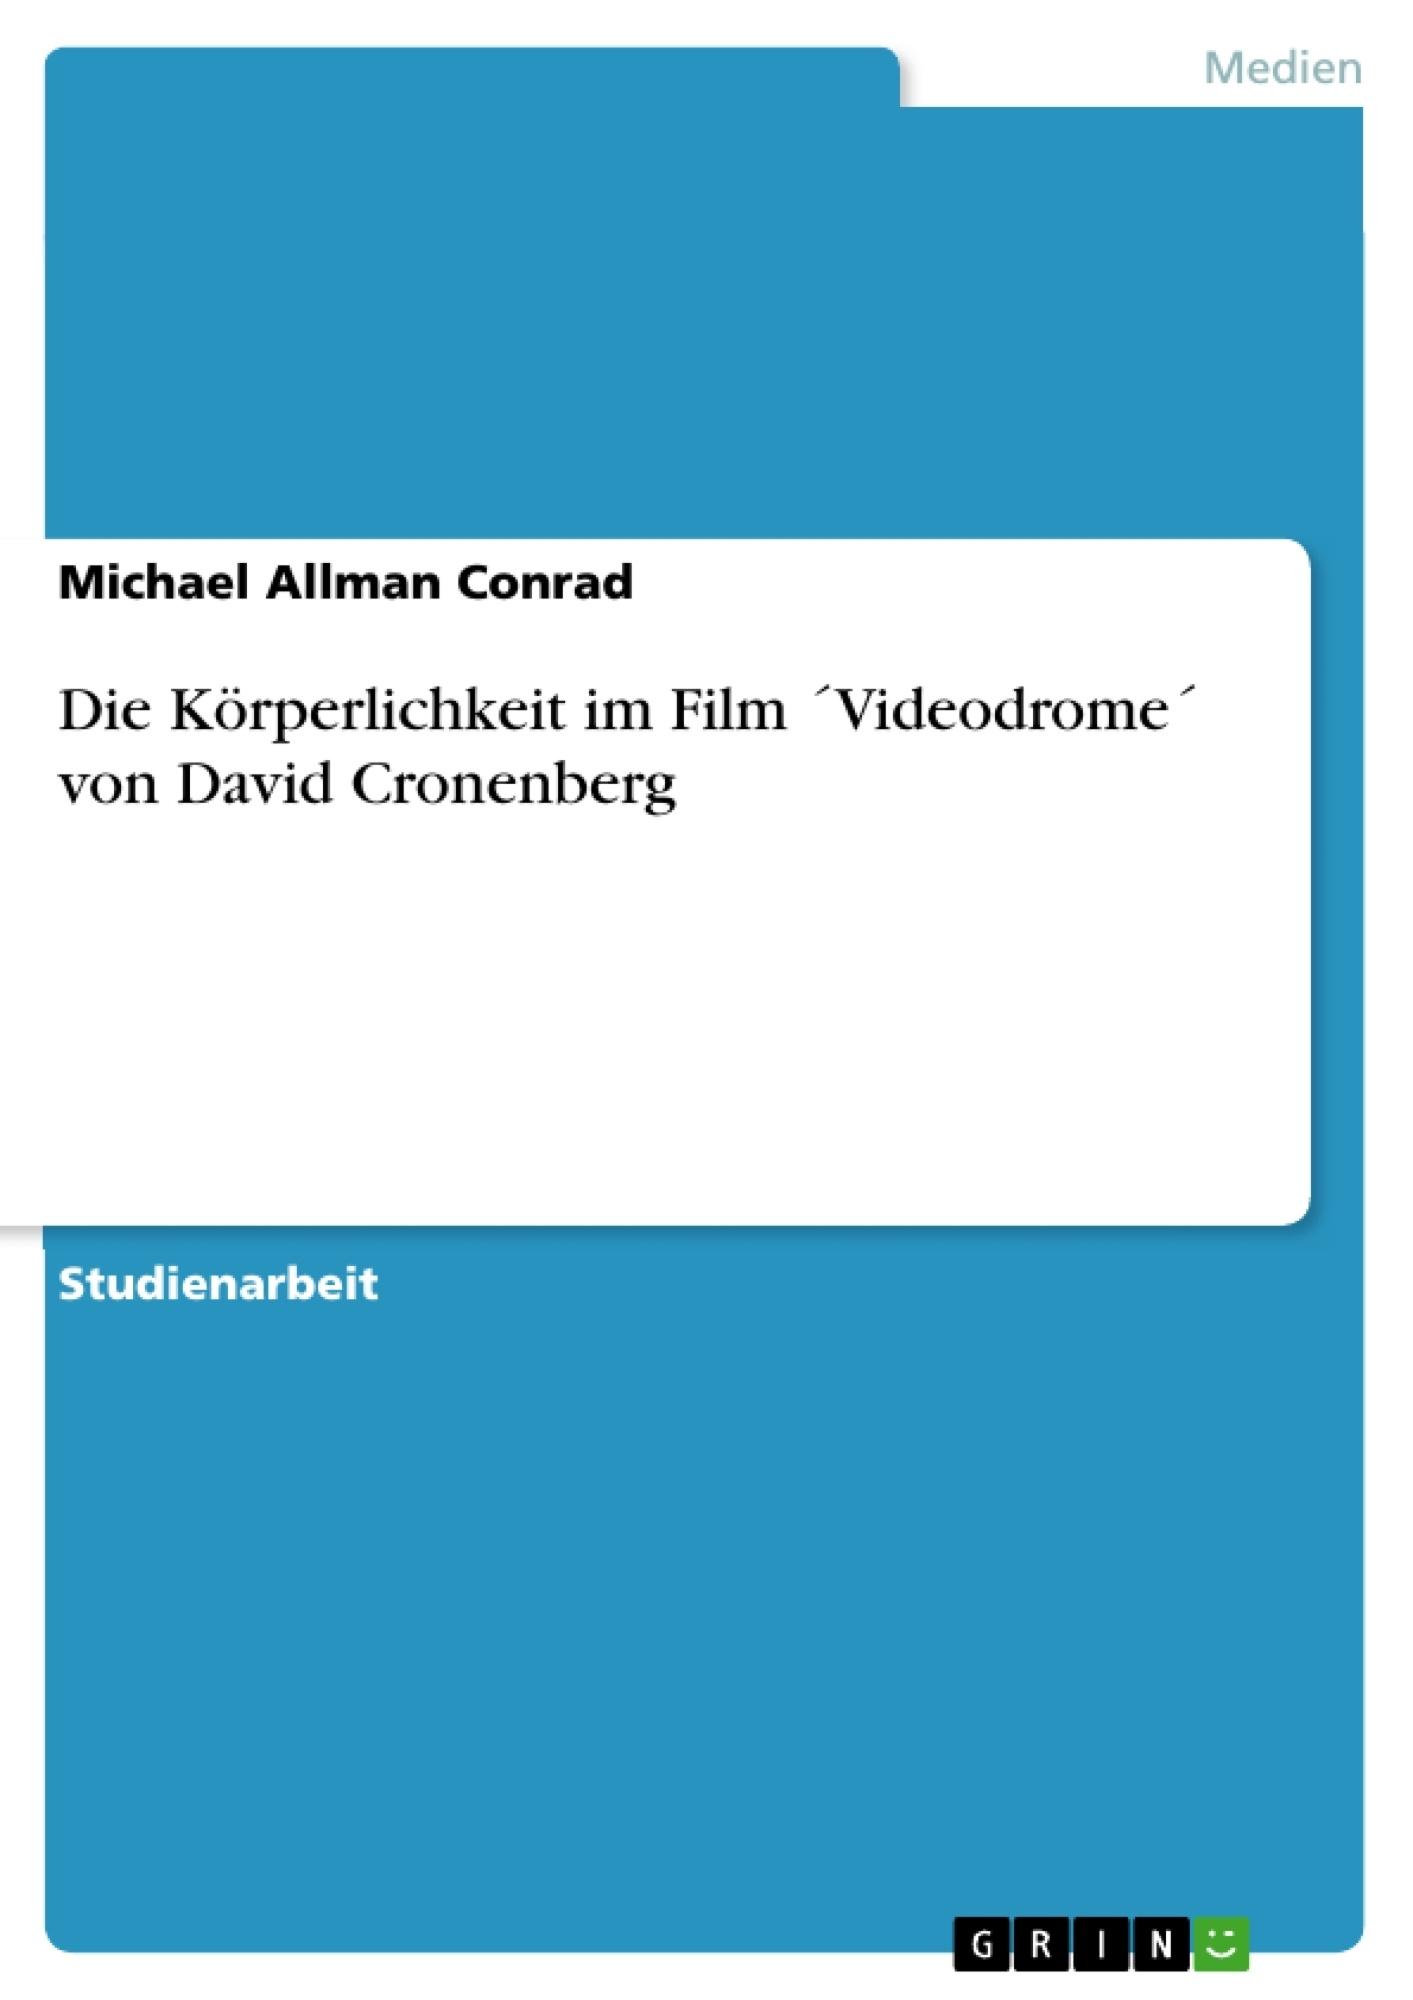 Titel: Die Körperlichkeit im Film ´Videodrome´ von David Cronenberg